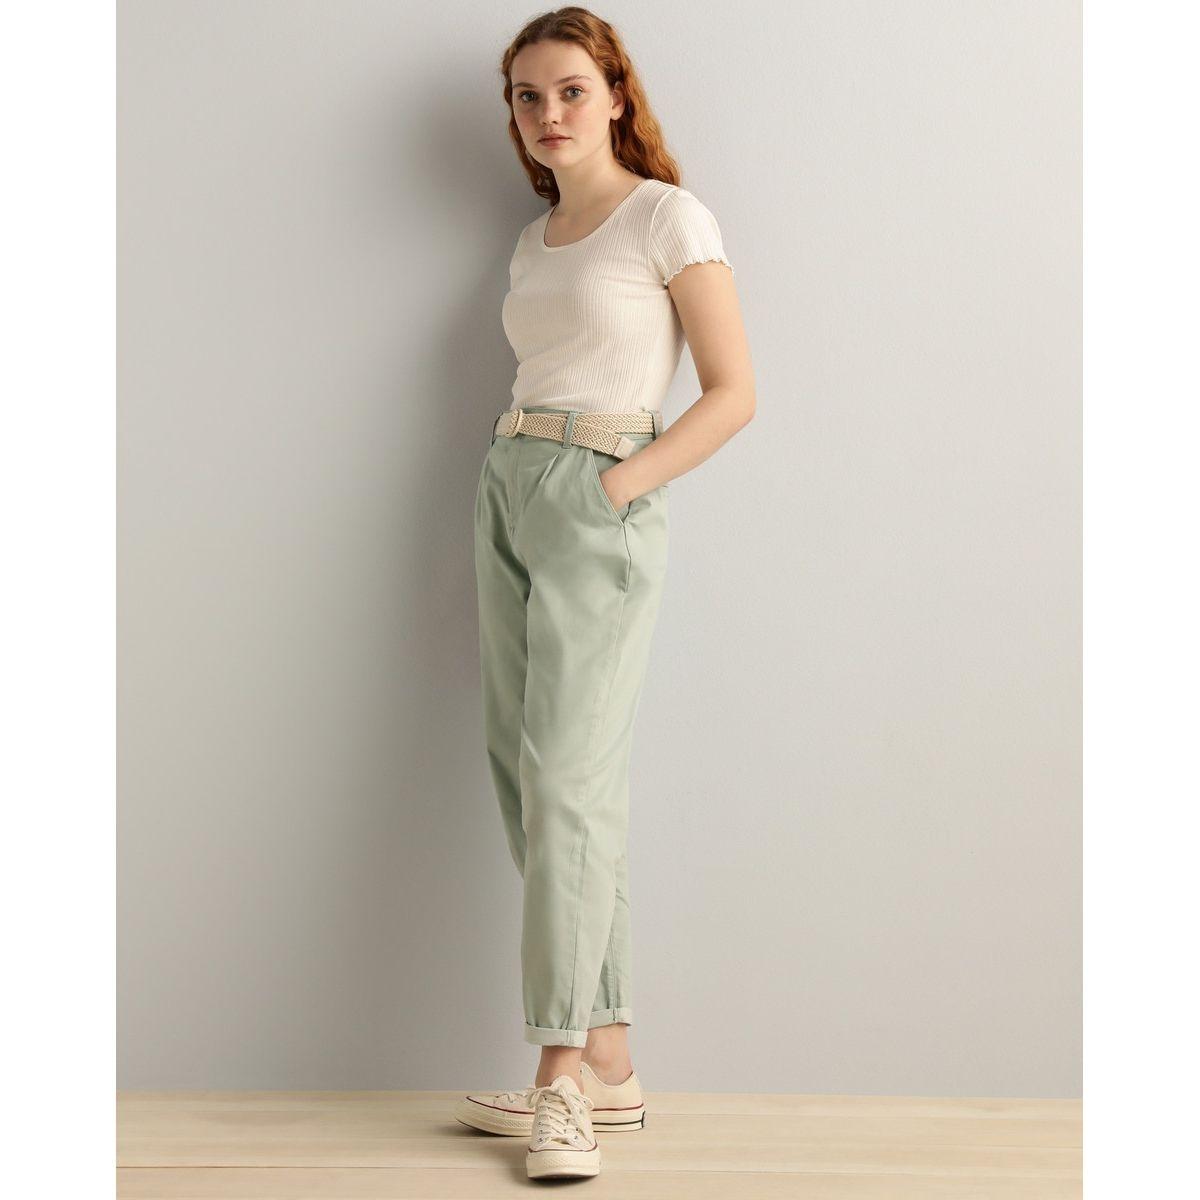 Pantalon slouchy avec ceinture